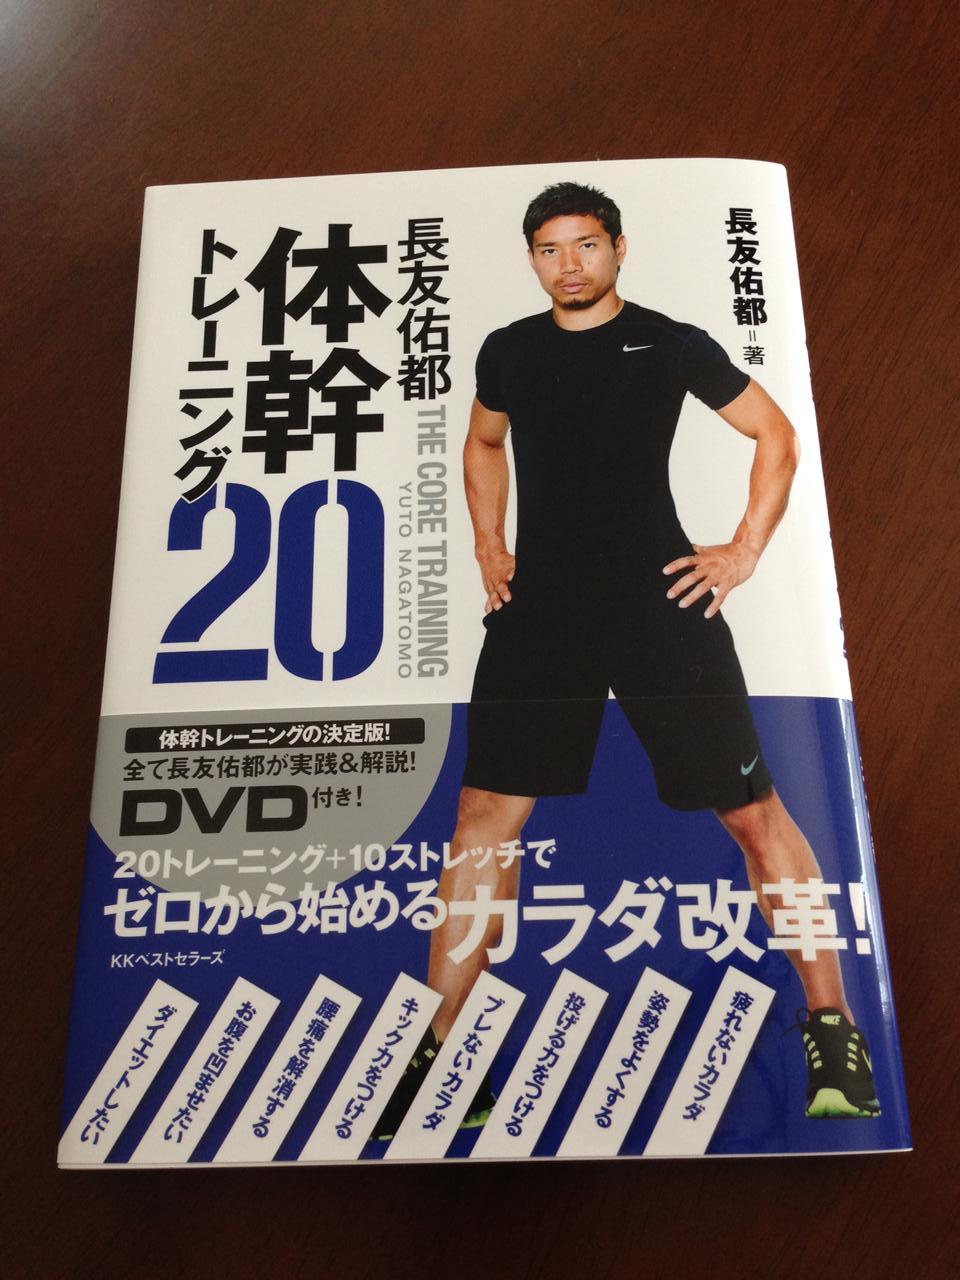 長友佑都「体幹トレーニング20」でマラソンに必要な筋トレができる